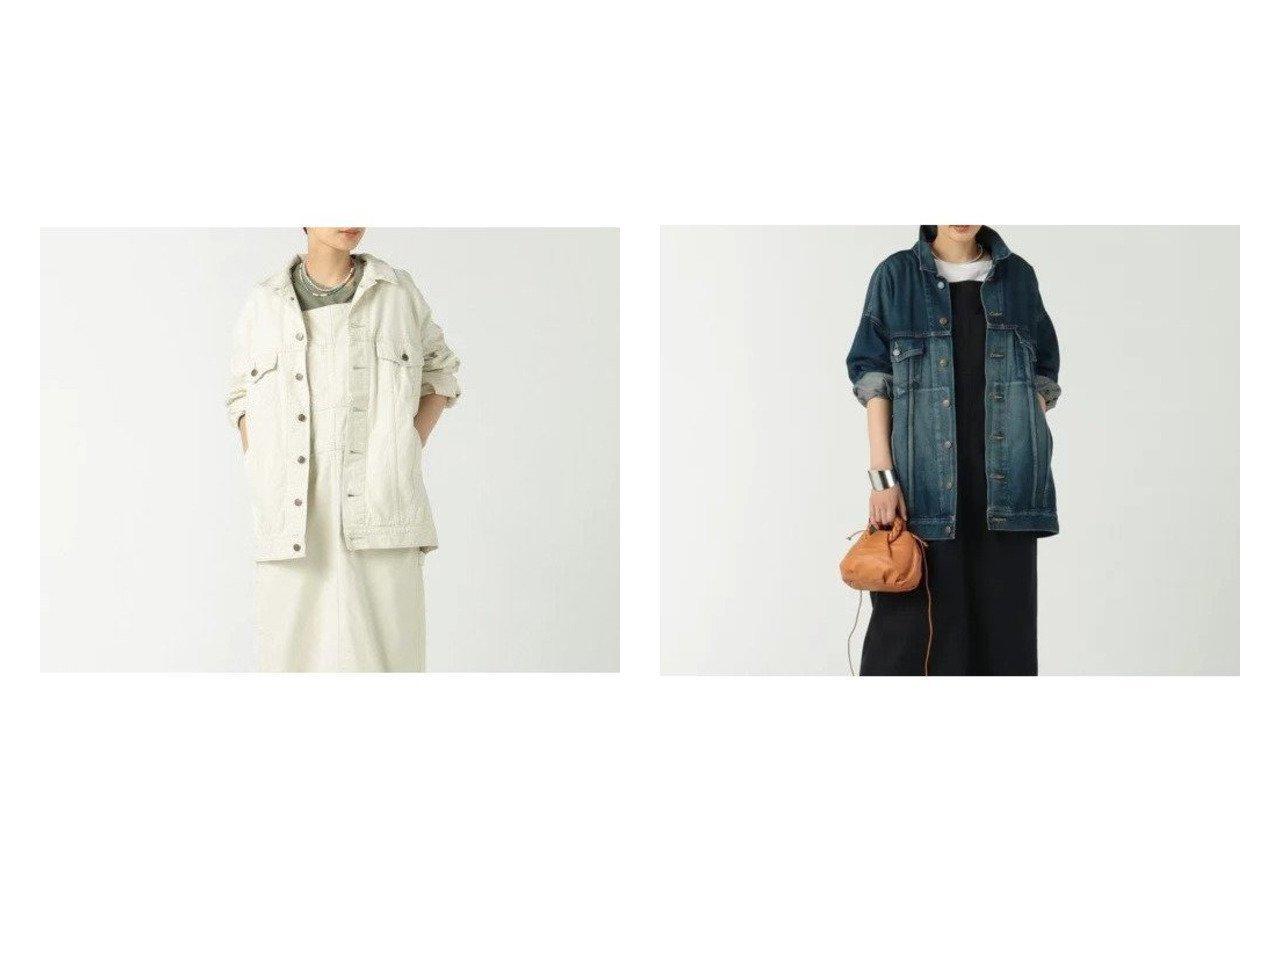 【BLUEBIRD BOULEVARD/ブルーバード ブルバード】のウォームワーカーサテンジャケット&オーバーサイズドデニムジャケット 【アウター】おすすめ!人気、トレンド・レディースファッションの通販 おすすめで人気の流行・トレンド、ファッションの通販商品 インテリア・家具・メンズファッション・キッズファッション・レディースファッション・服の通販 founy(ファニー) https://founy.com/ ファッション Fashion レディースファッション WOMEN アウター Coat Outerwear ジャケット Jackets デニムジャケット Denim Jackets ジャケット セットアップ ダメージ デニム クラシック サテン ワーク |ID:crp329100000056383